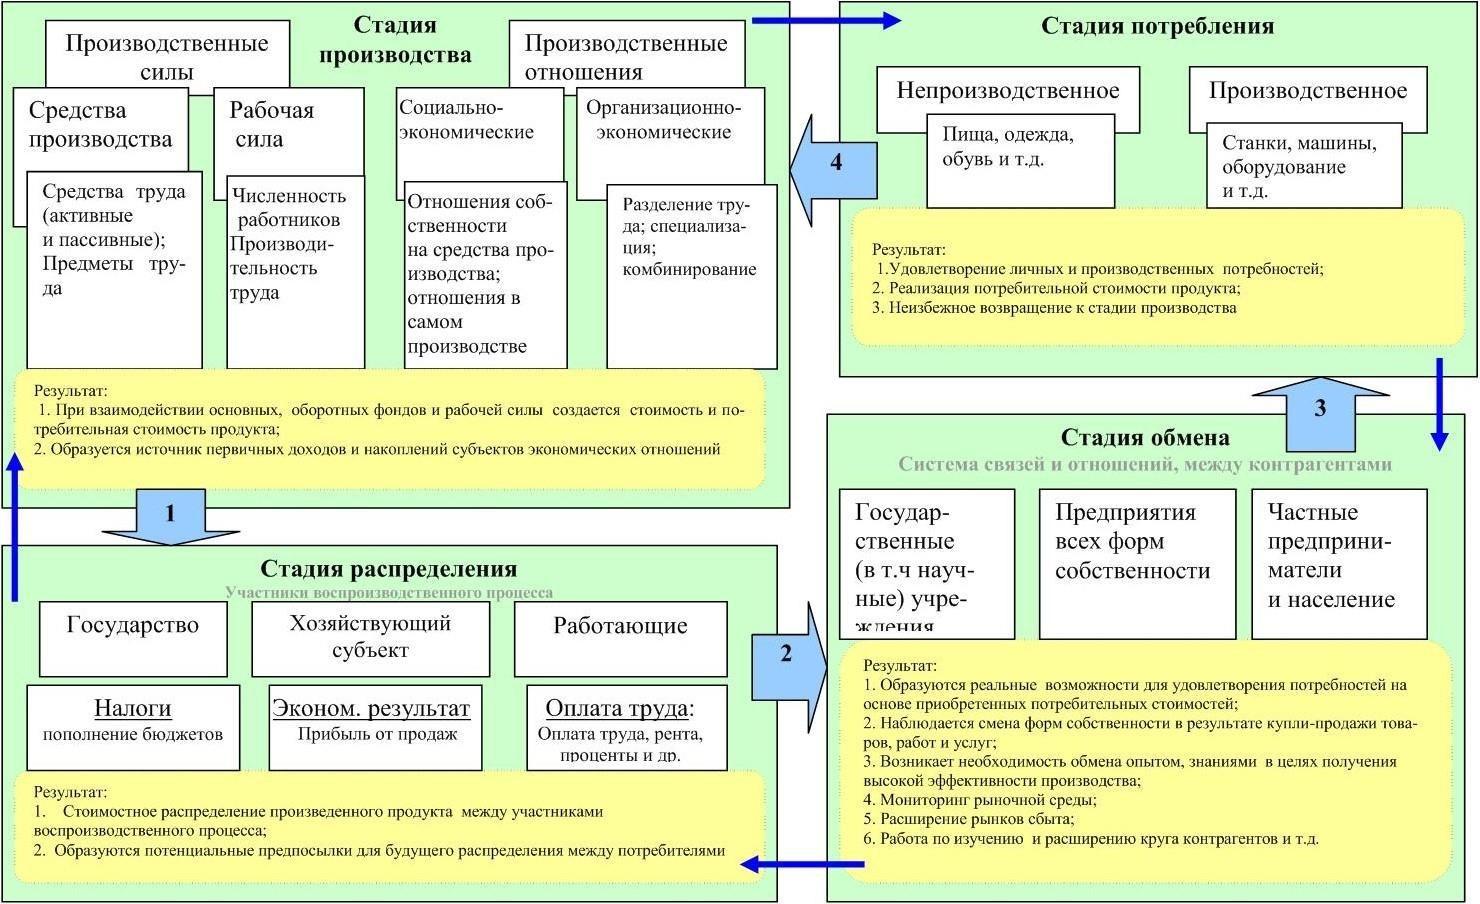 Производственный цикл и производственное отношение